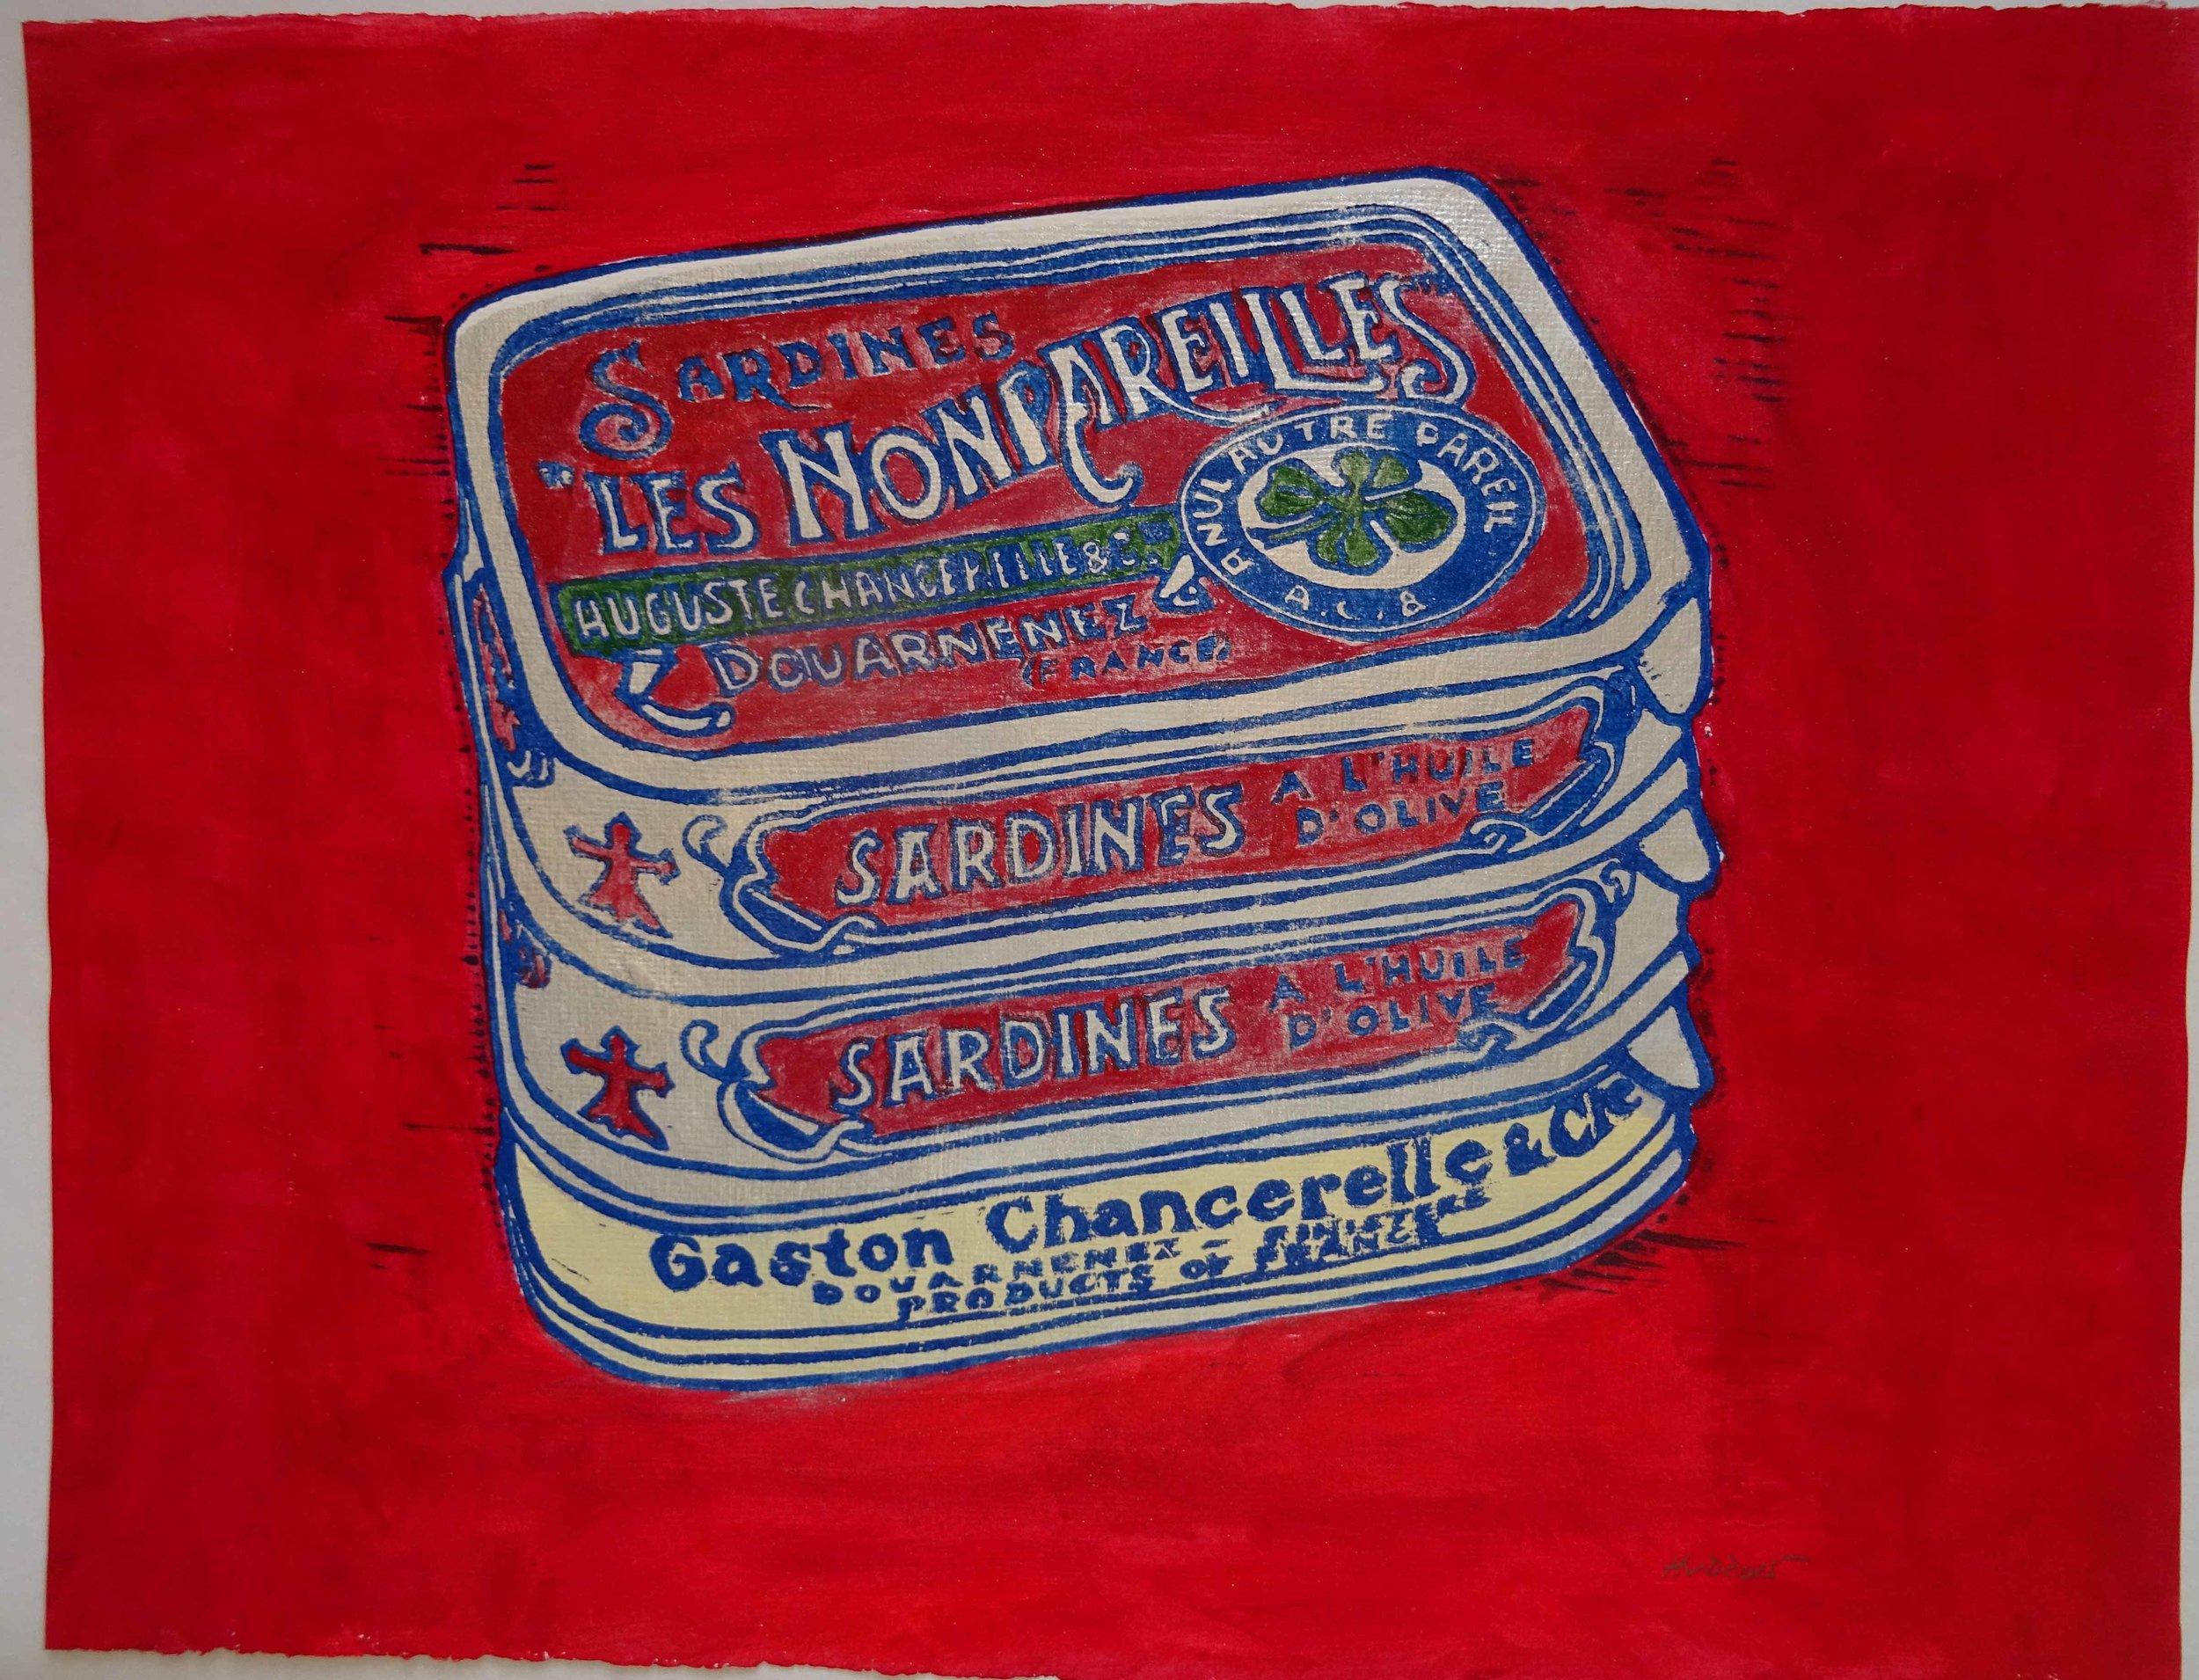 88 - Boites de l'usine rouge, coloured 2-plate lino 31x35 cm, 120 €